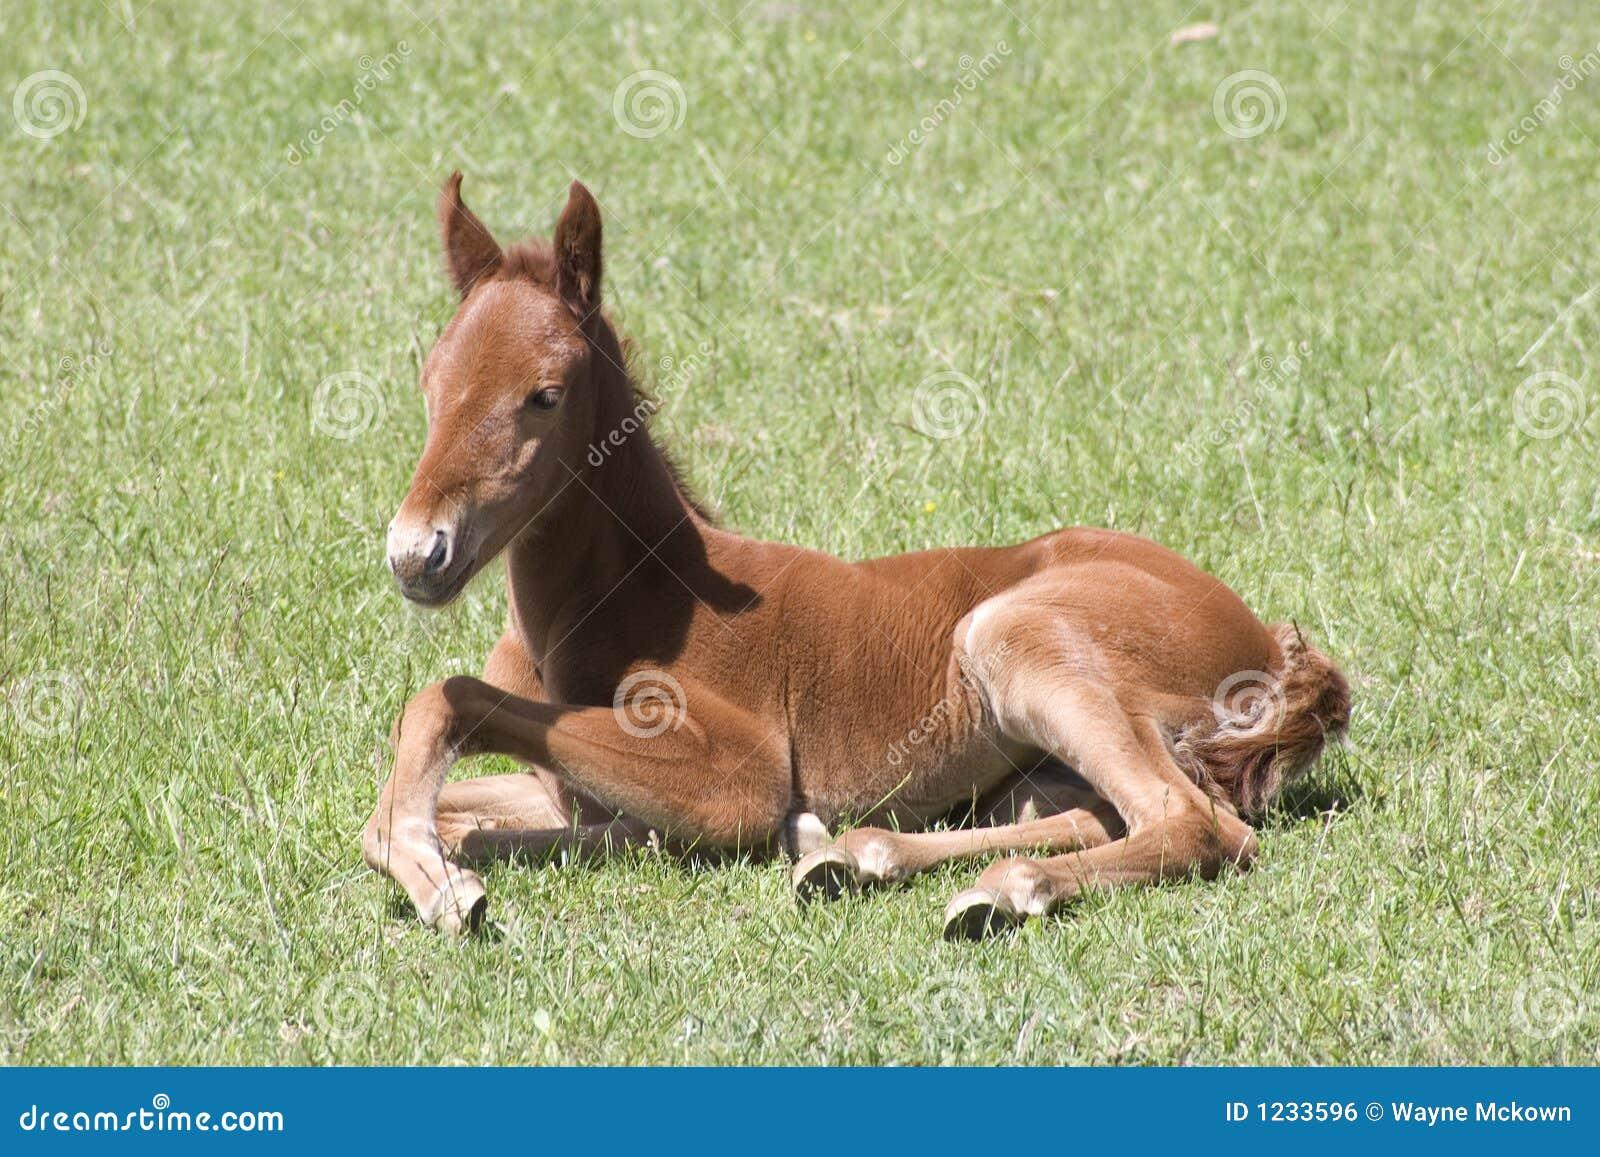 A resting colt